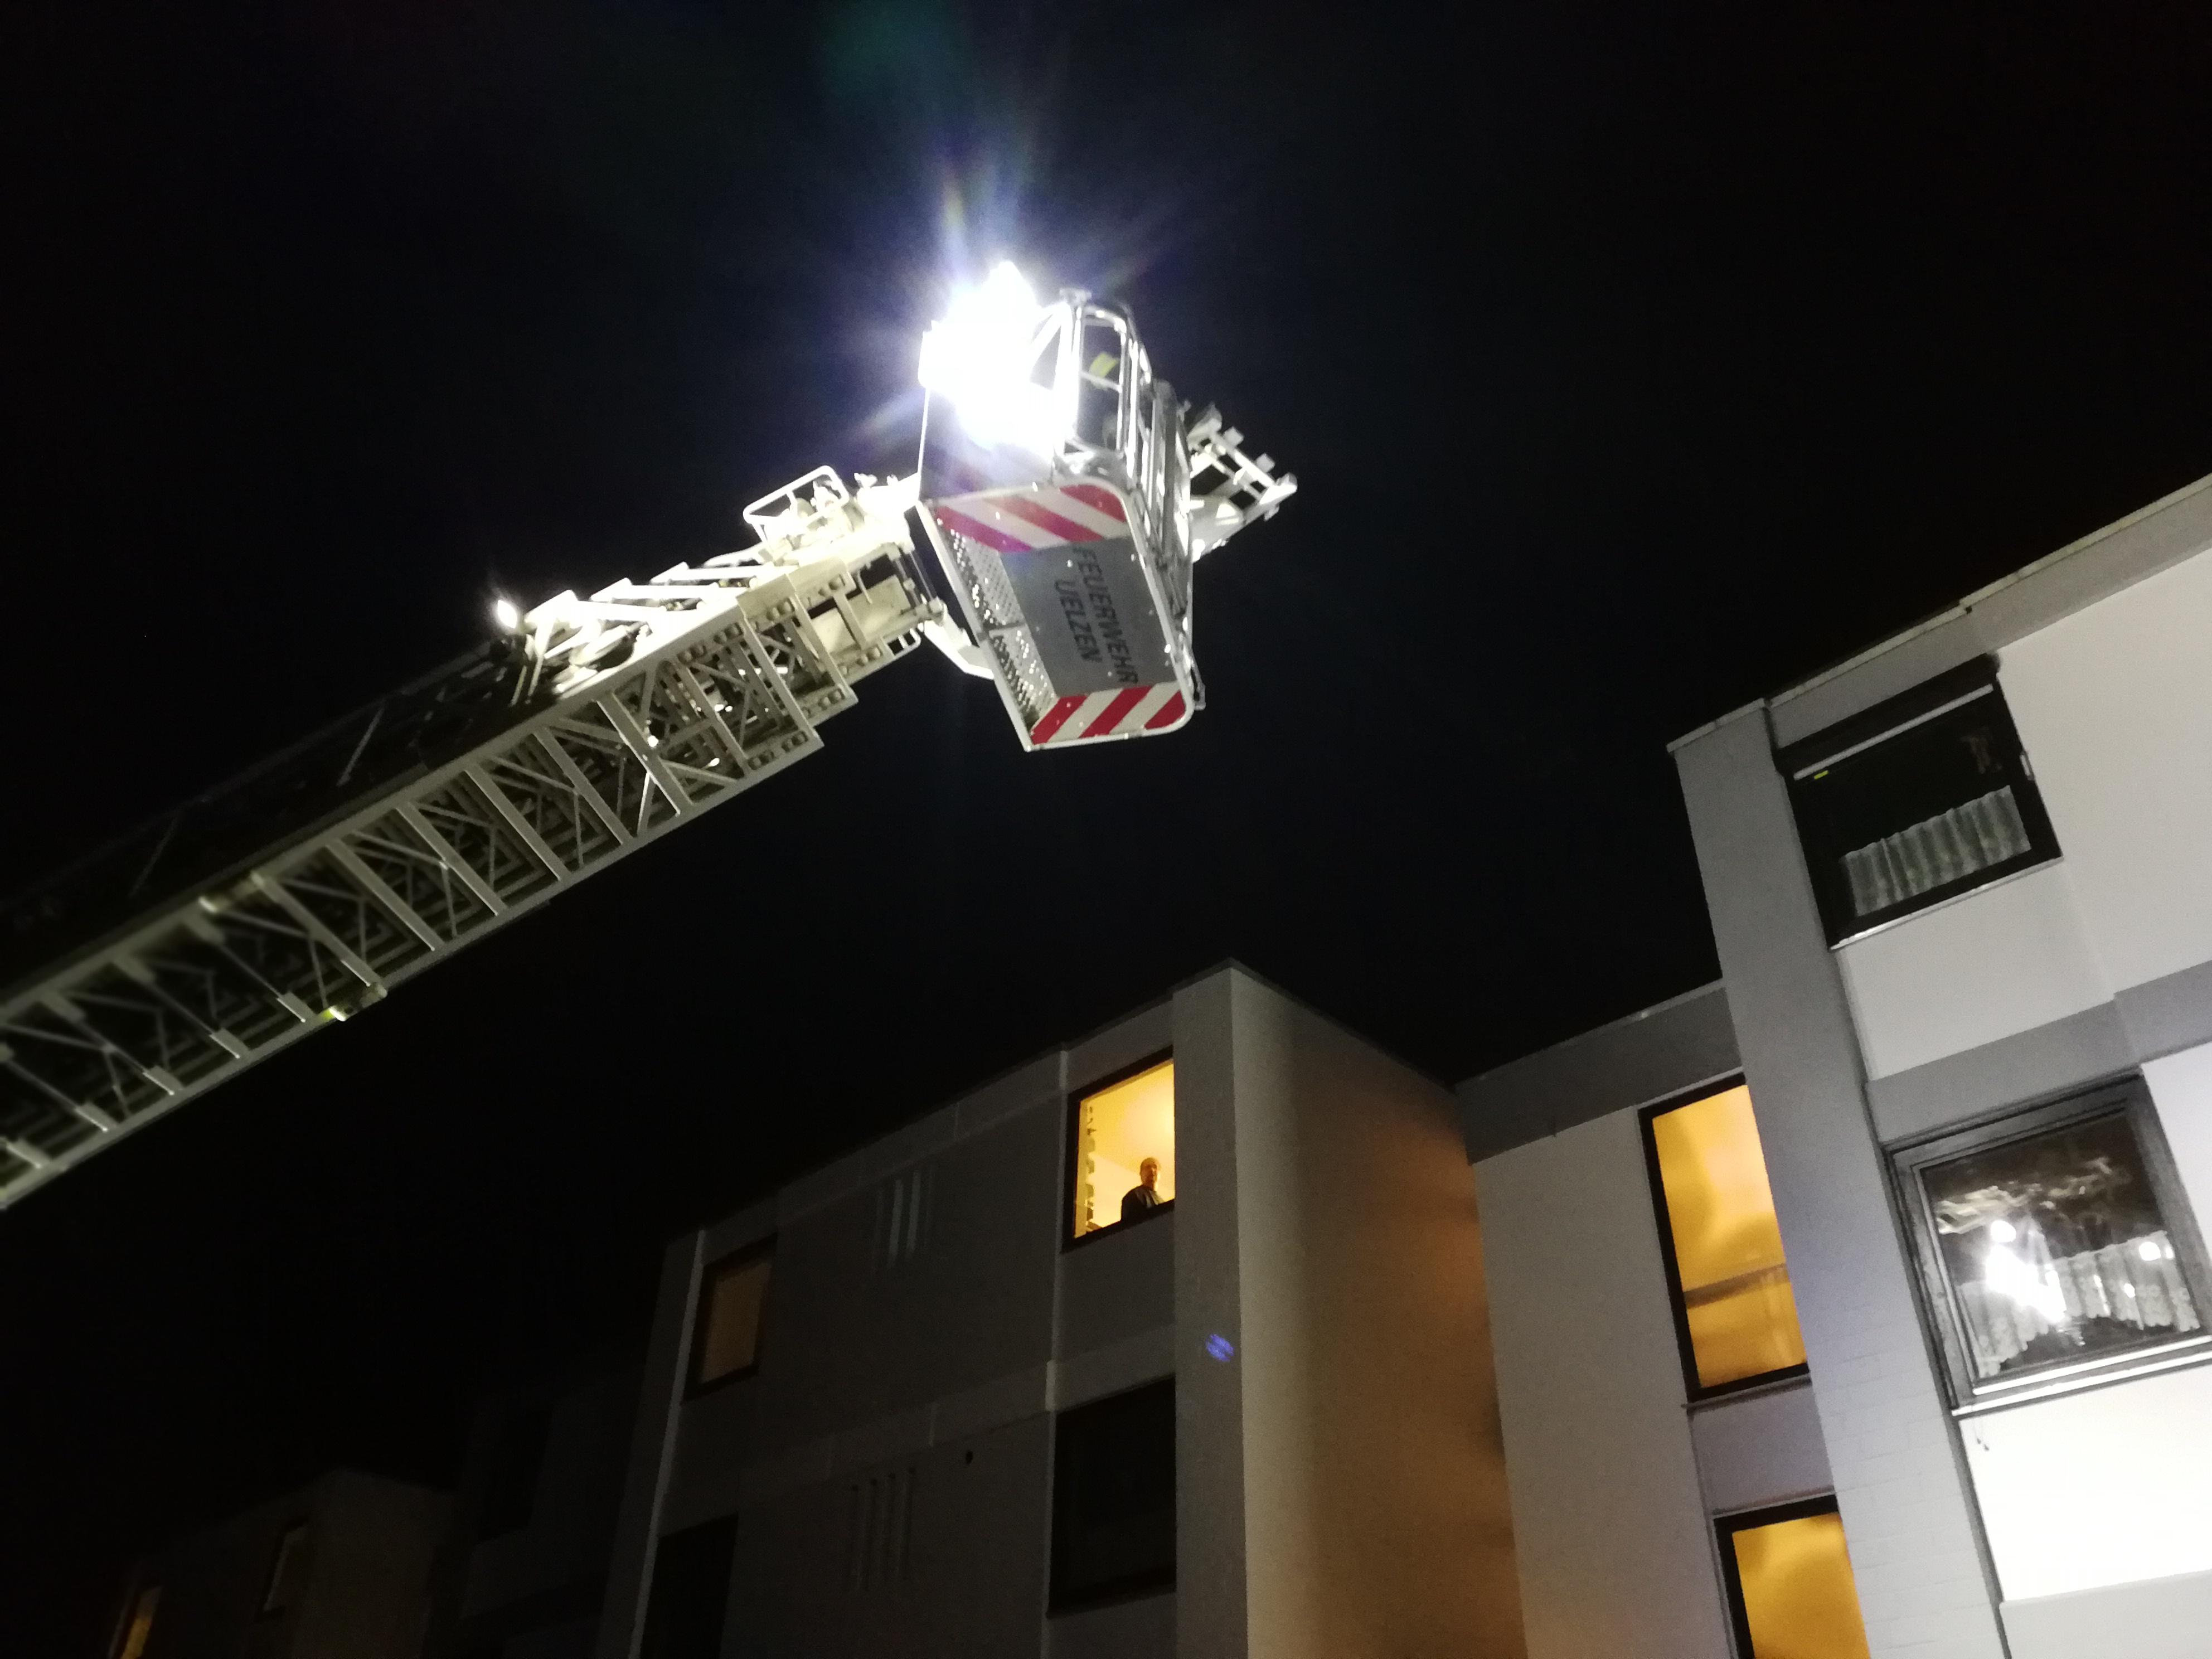 346. Hilfeleistung - - Unterstützung Rettungsdienst - Personenrettung über DLK